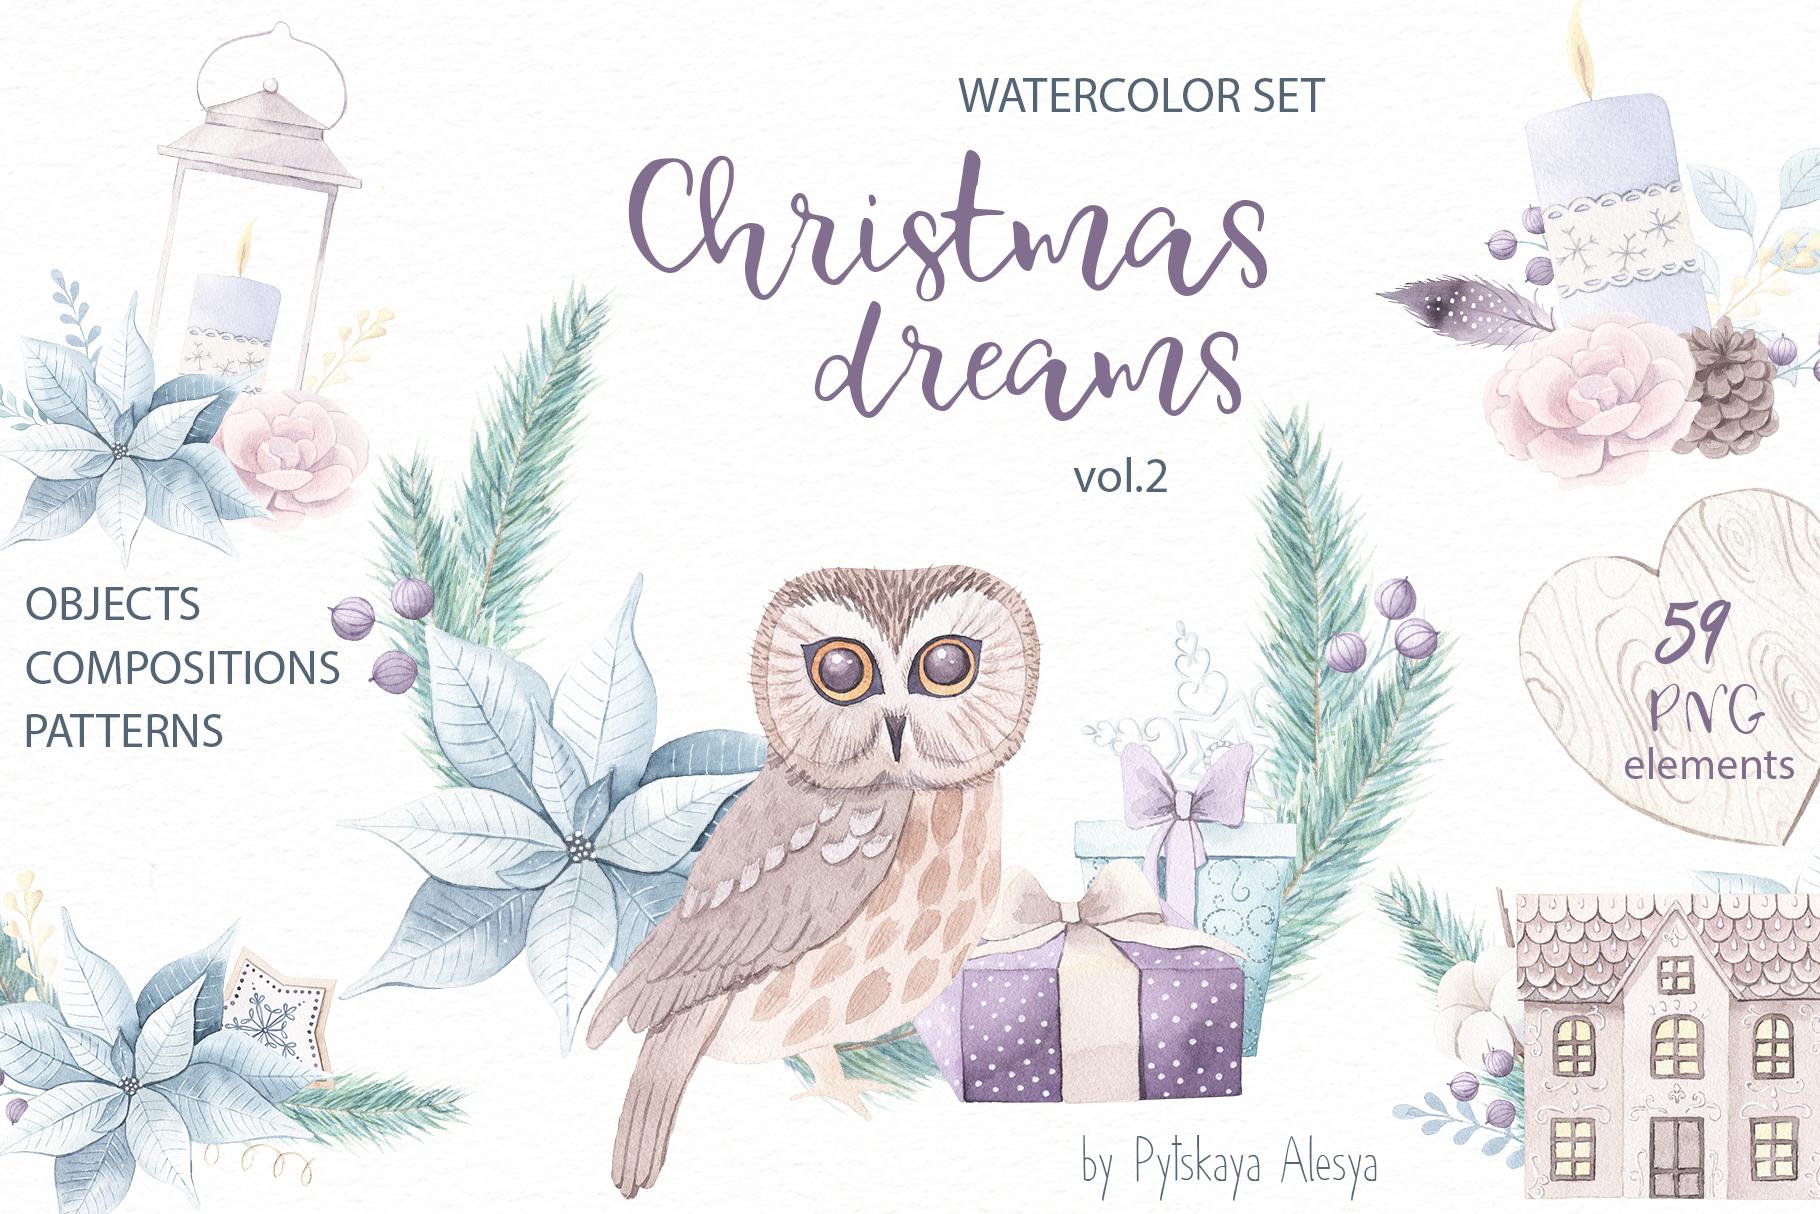 Christmas Dreams vol.2 - Watercolor Set example image 1